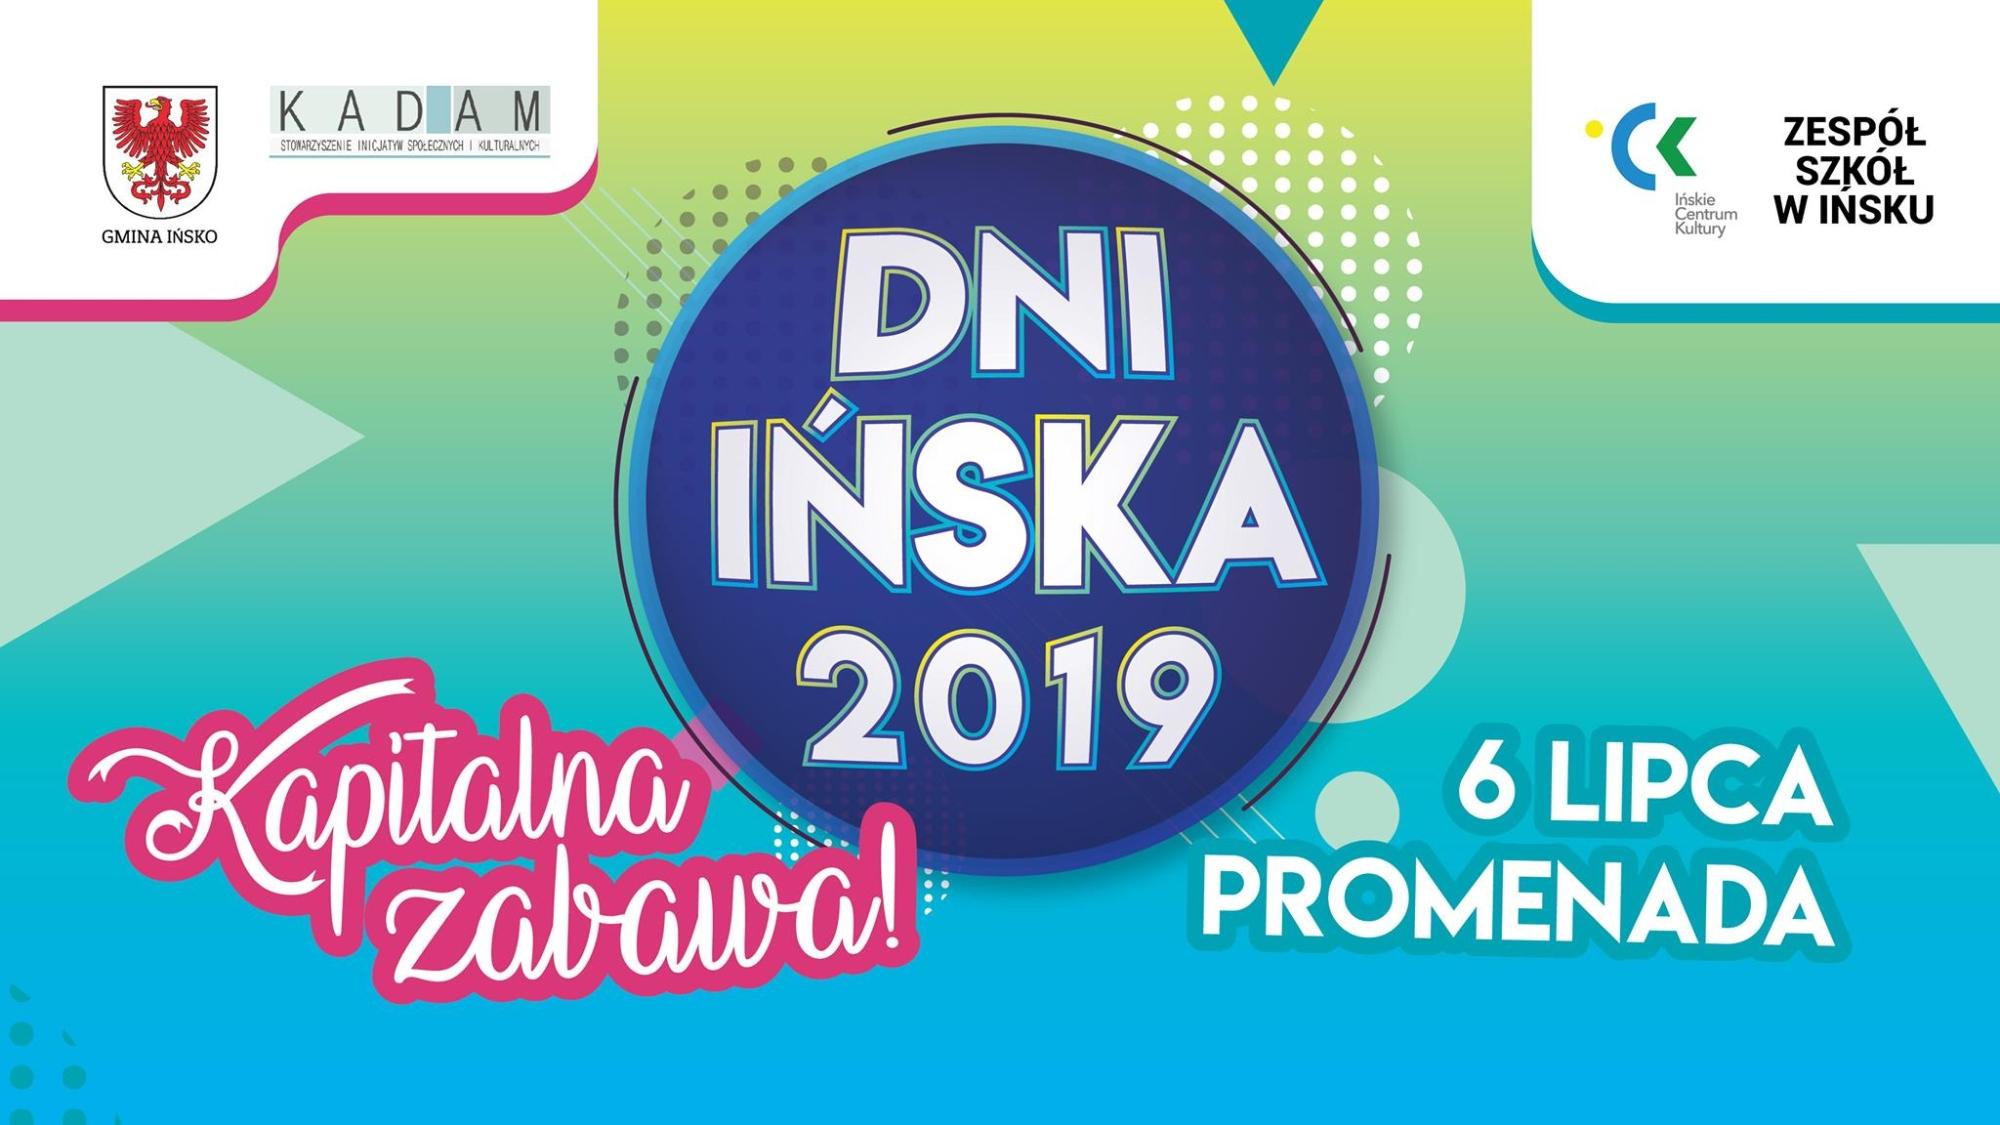 Dni Ińska 2019